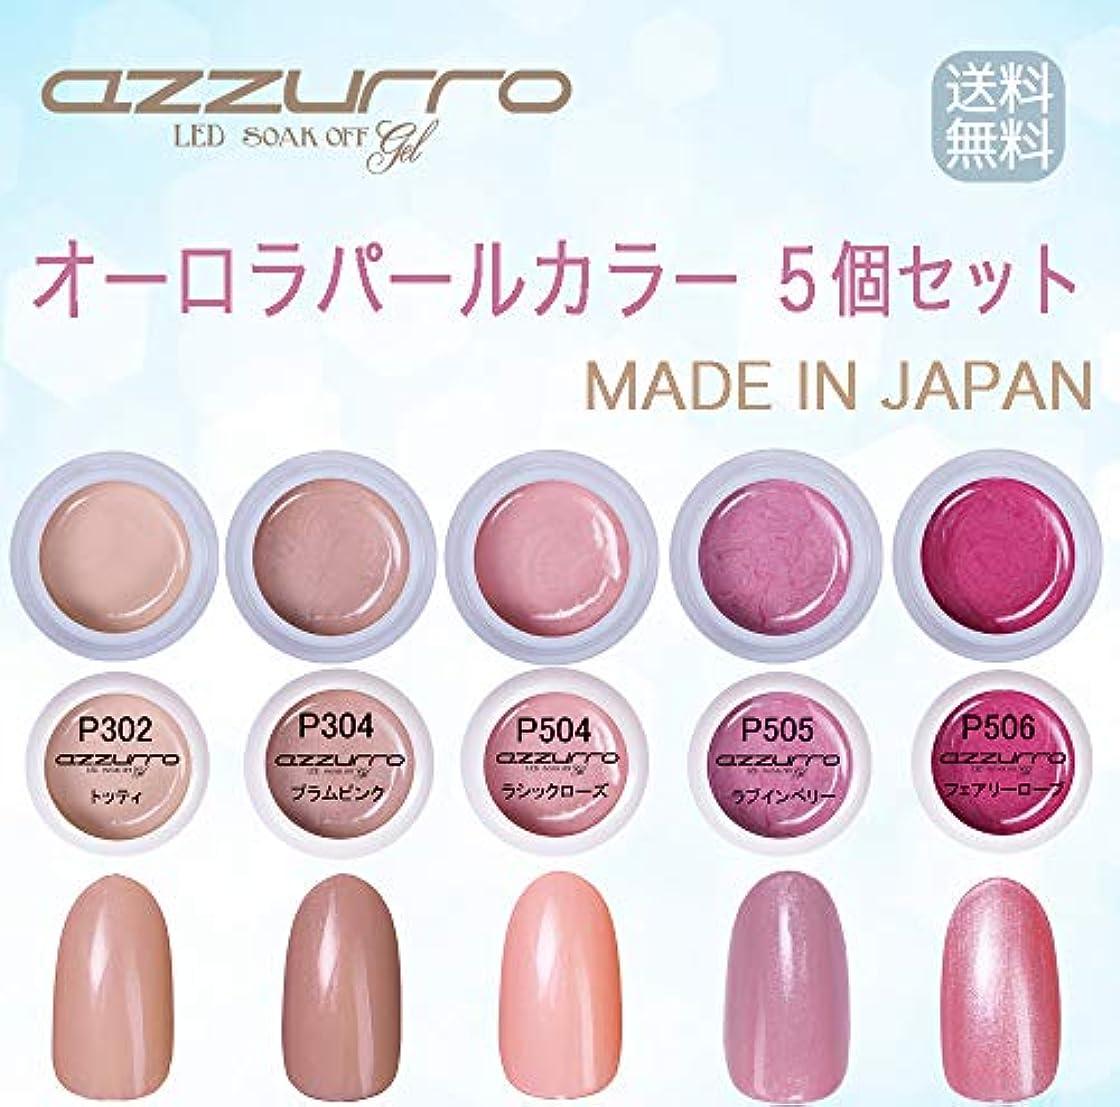 【送料無料】日本製 azzurro gel オーロラパール ジェル5個セット 上品な輝きのパールカラー